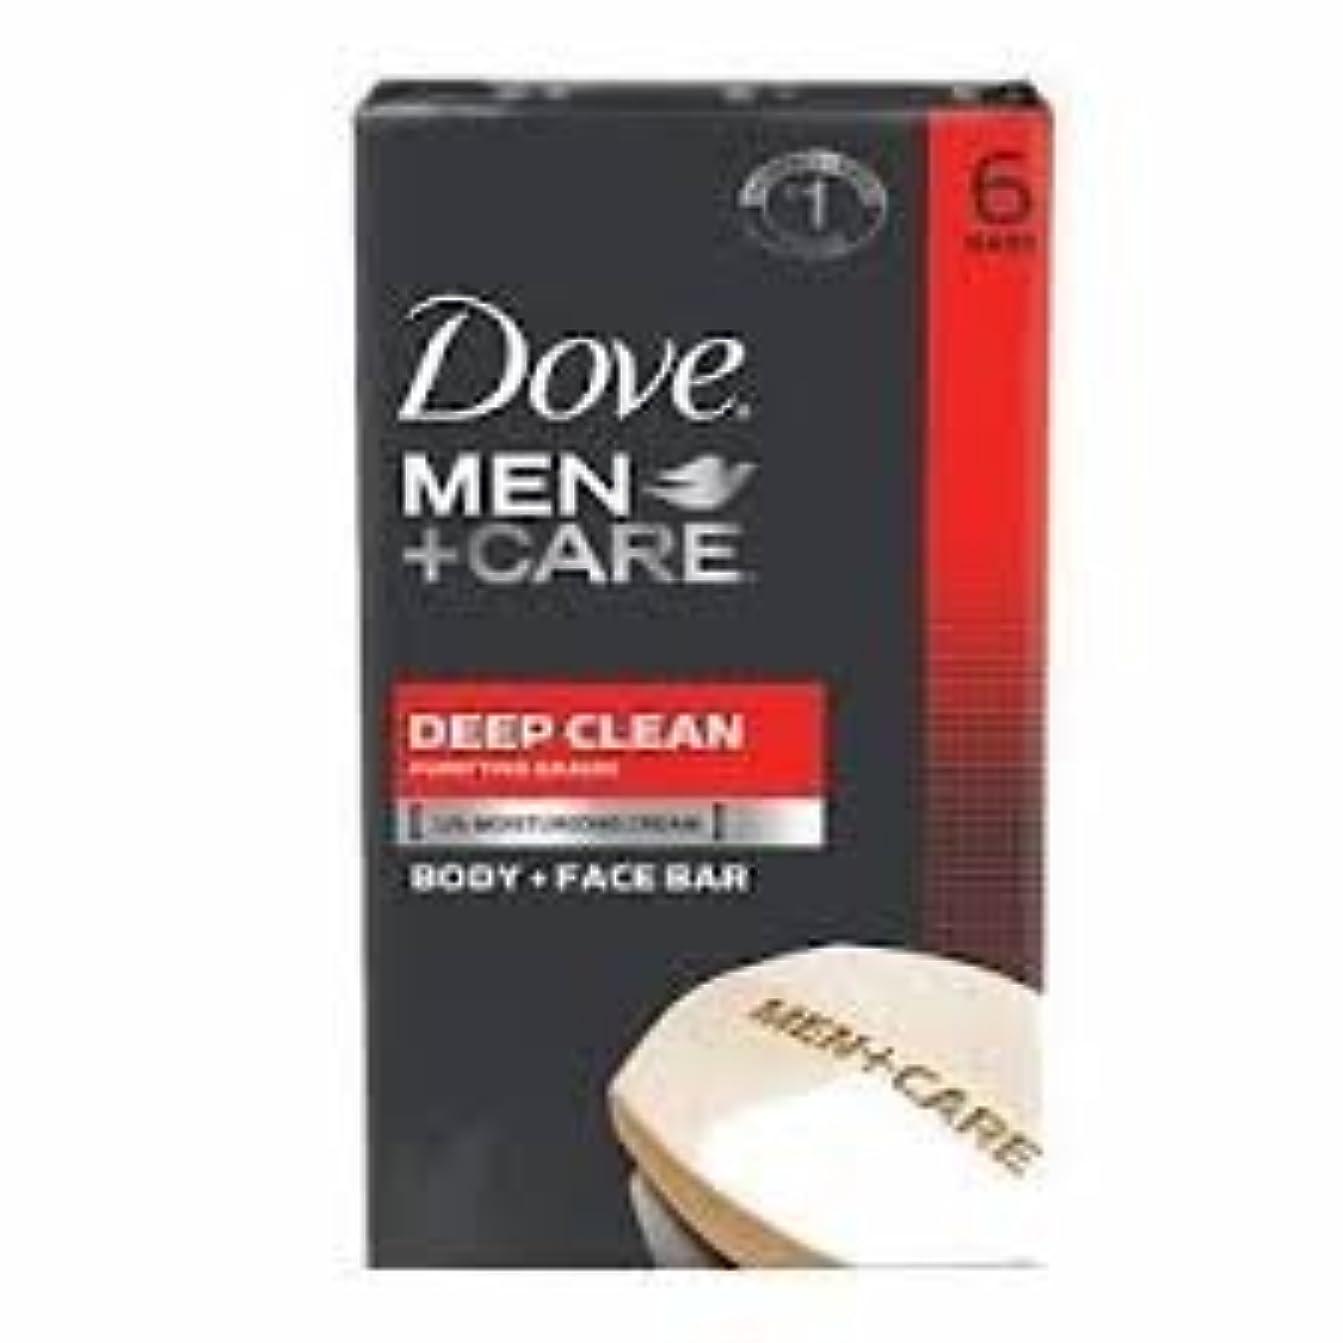 危険にさらされているあまりにも無Dove Men + Care Body and Face Bar, Deep Clean 4oz x 6Bars ダブ メン プラスケア ディープ クリーン ソープ 4oz x 6個